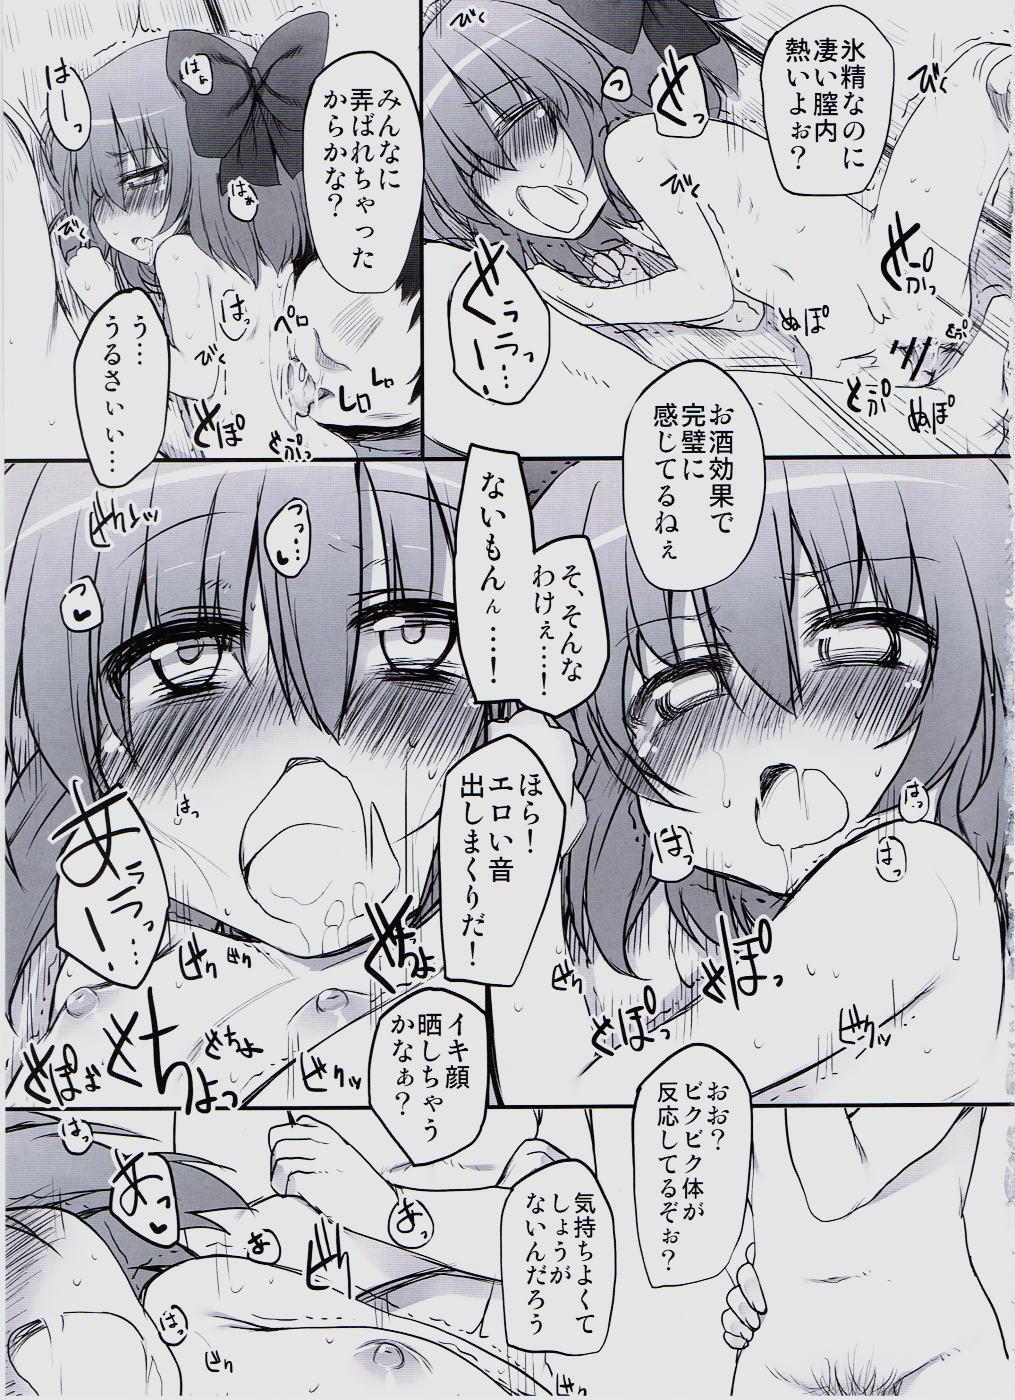 Gensoukyou no Utage 17